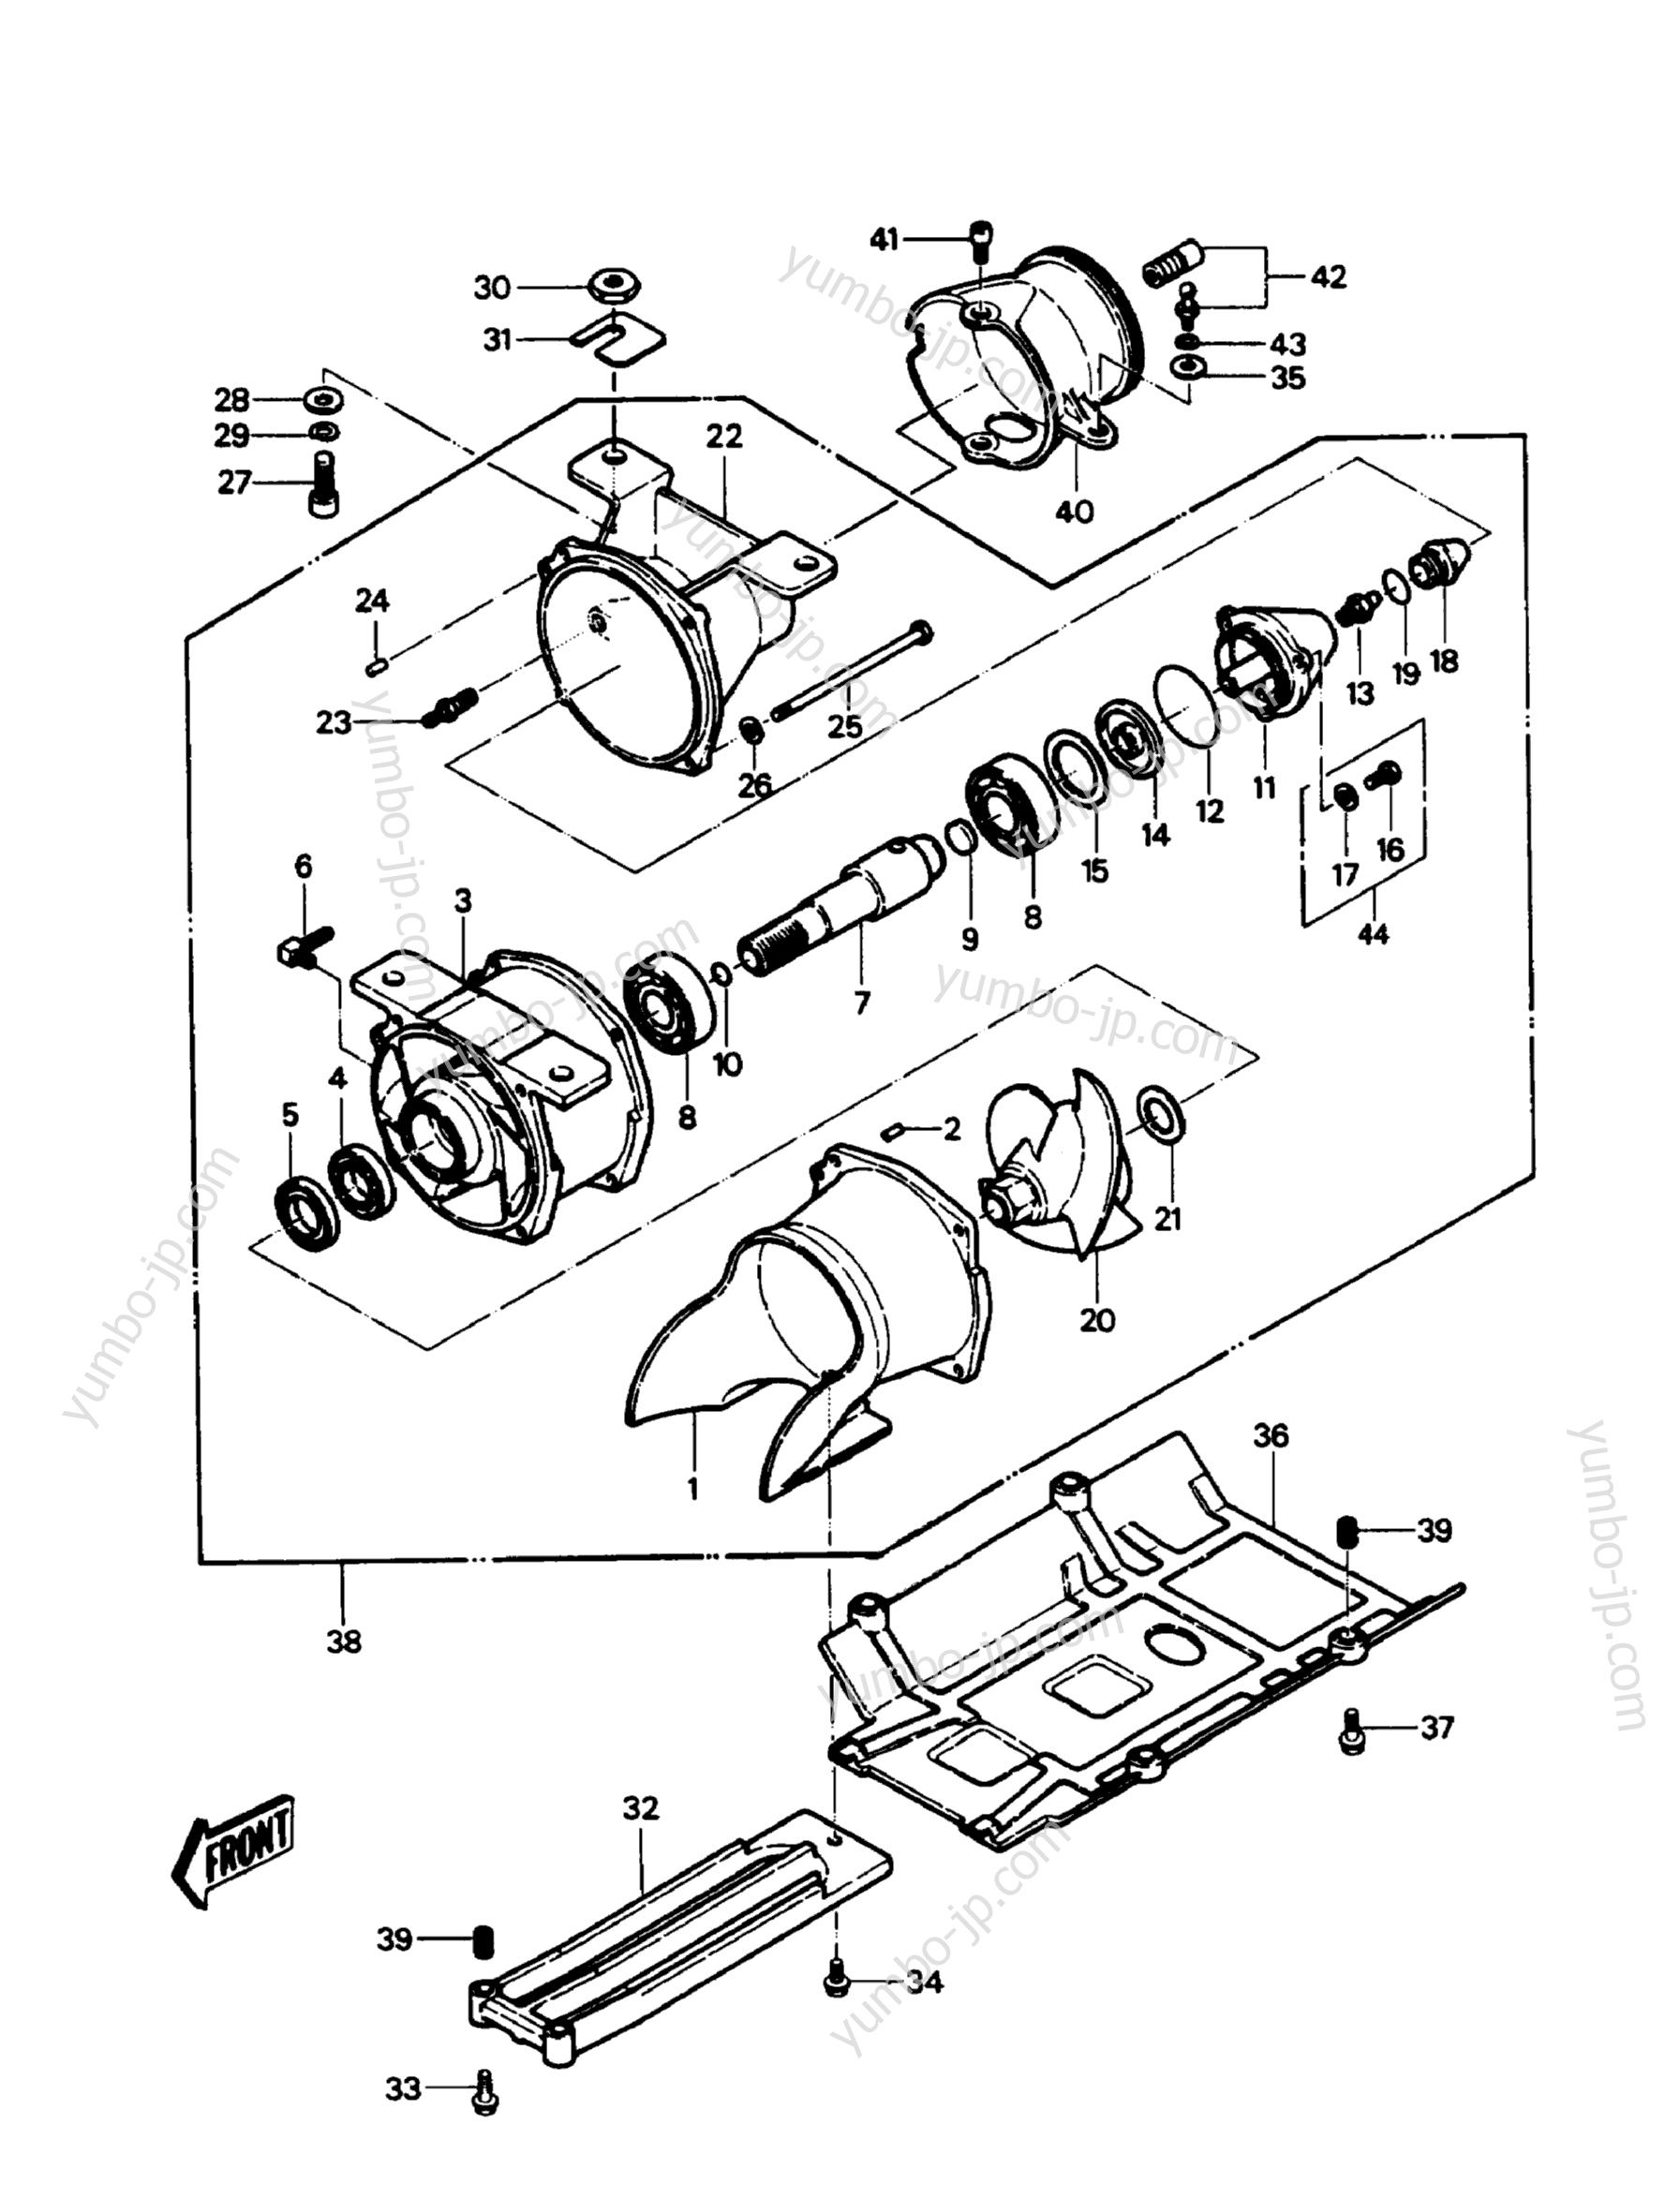 Jet Pump для гидроциклов KAWASAKI JST SKI 550 (JS550-A6) 1987 г.